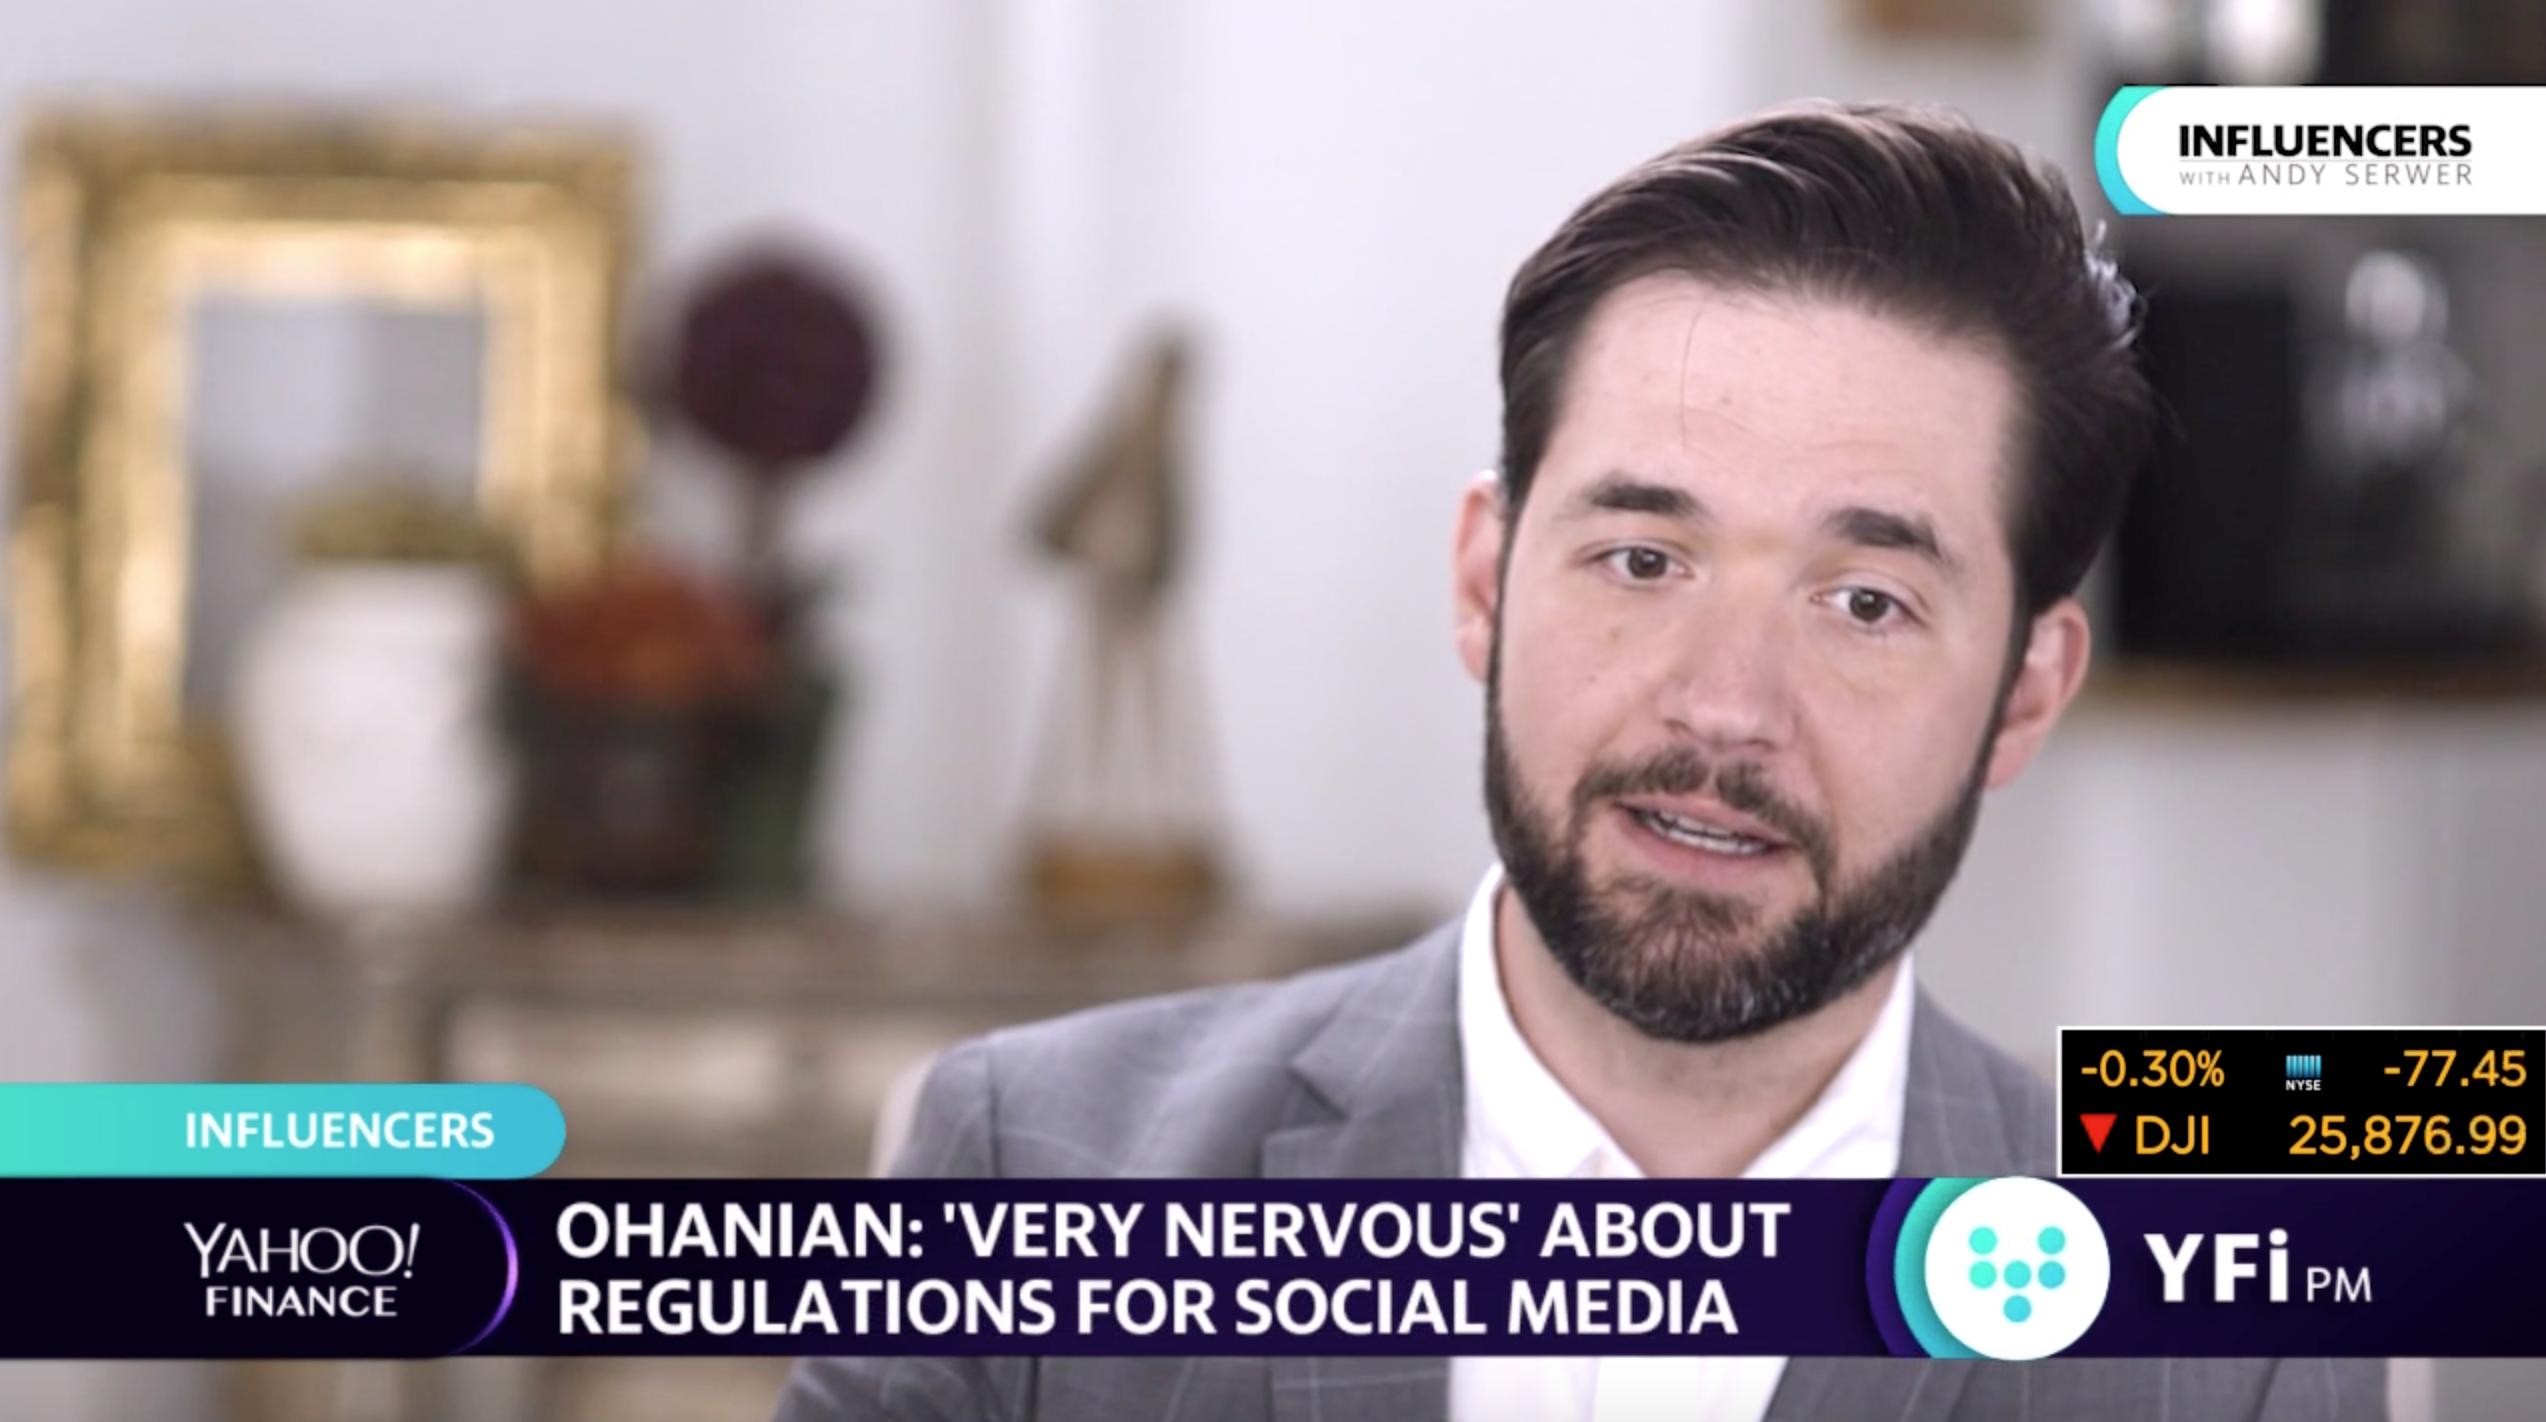 Reddit co-founder 'very nervous' about regulations for social media